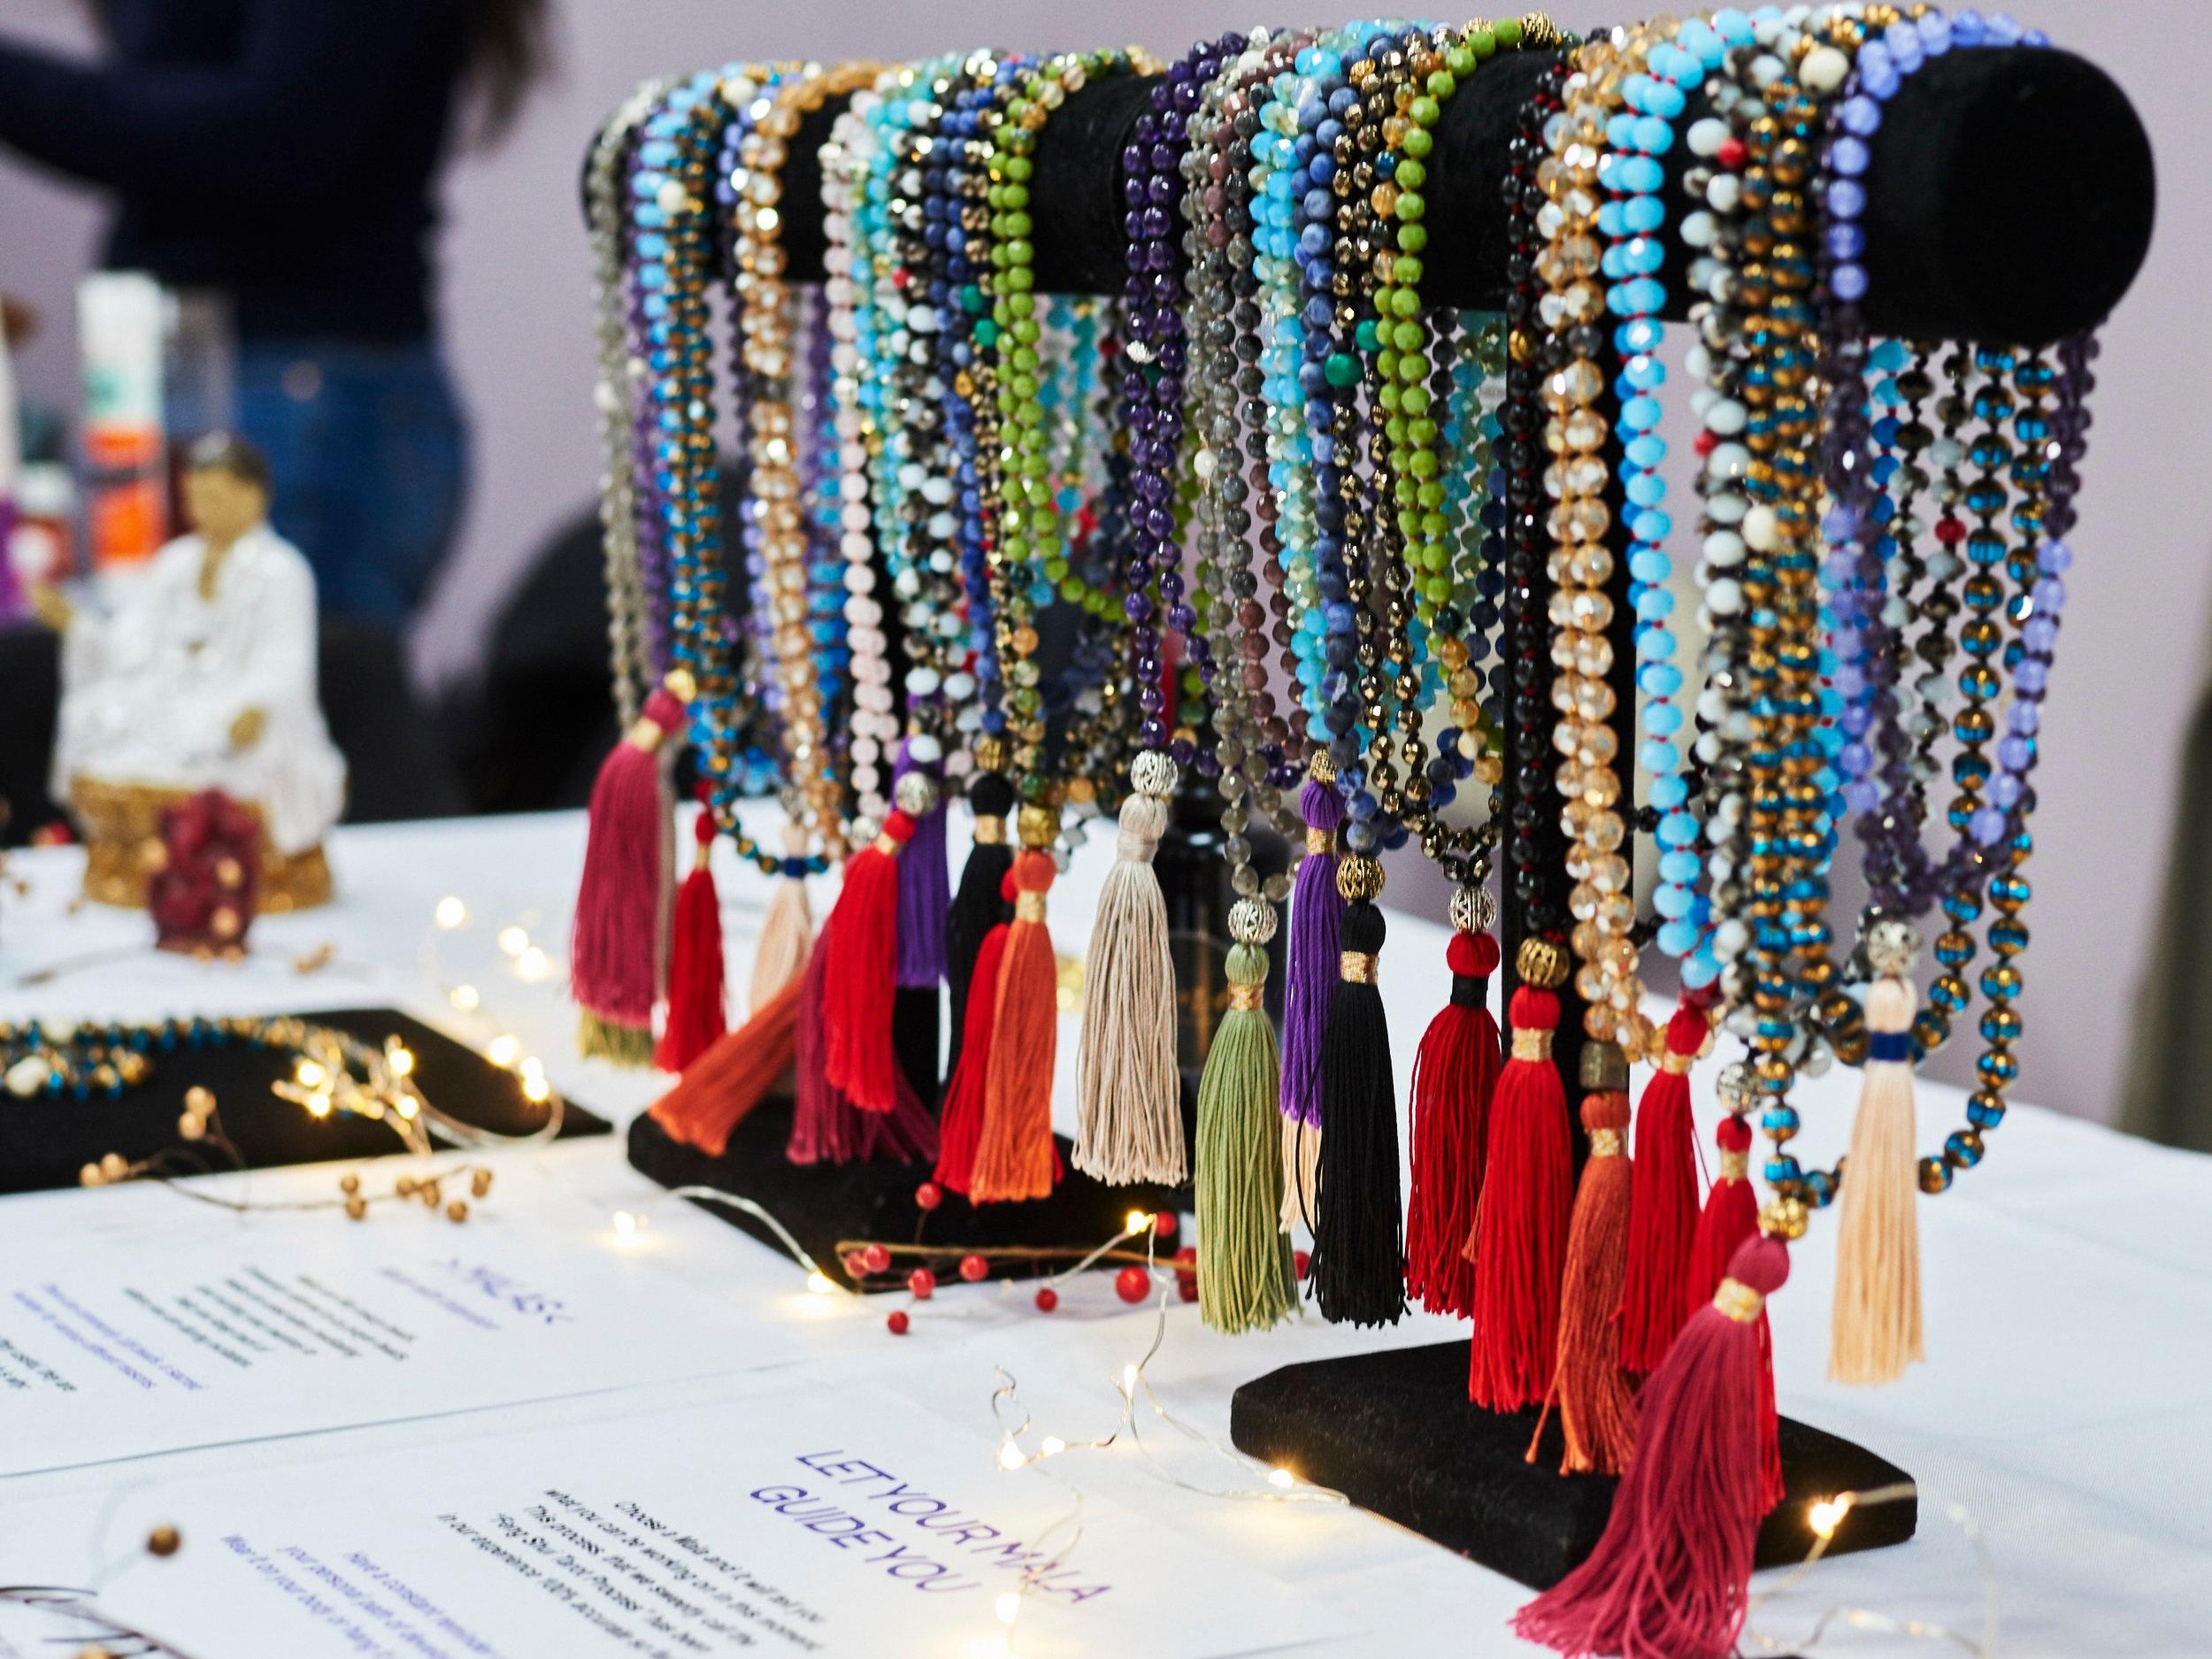 Ama Body Soul   - Mala beads